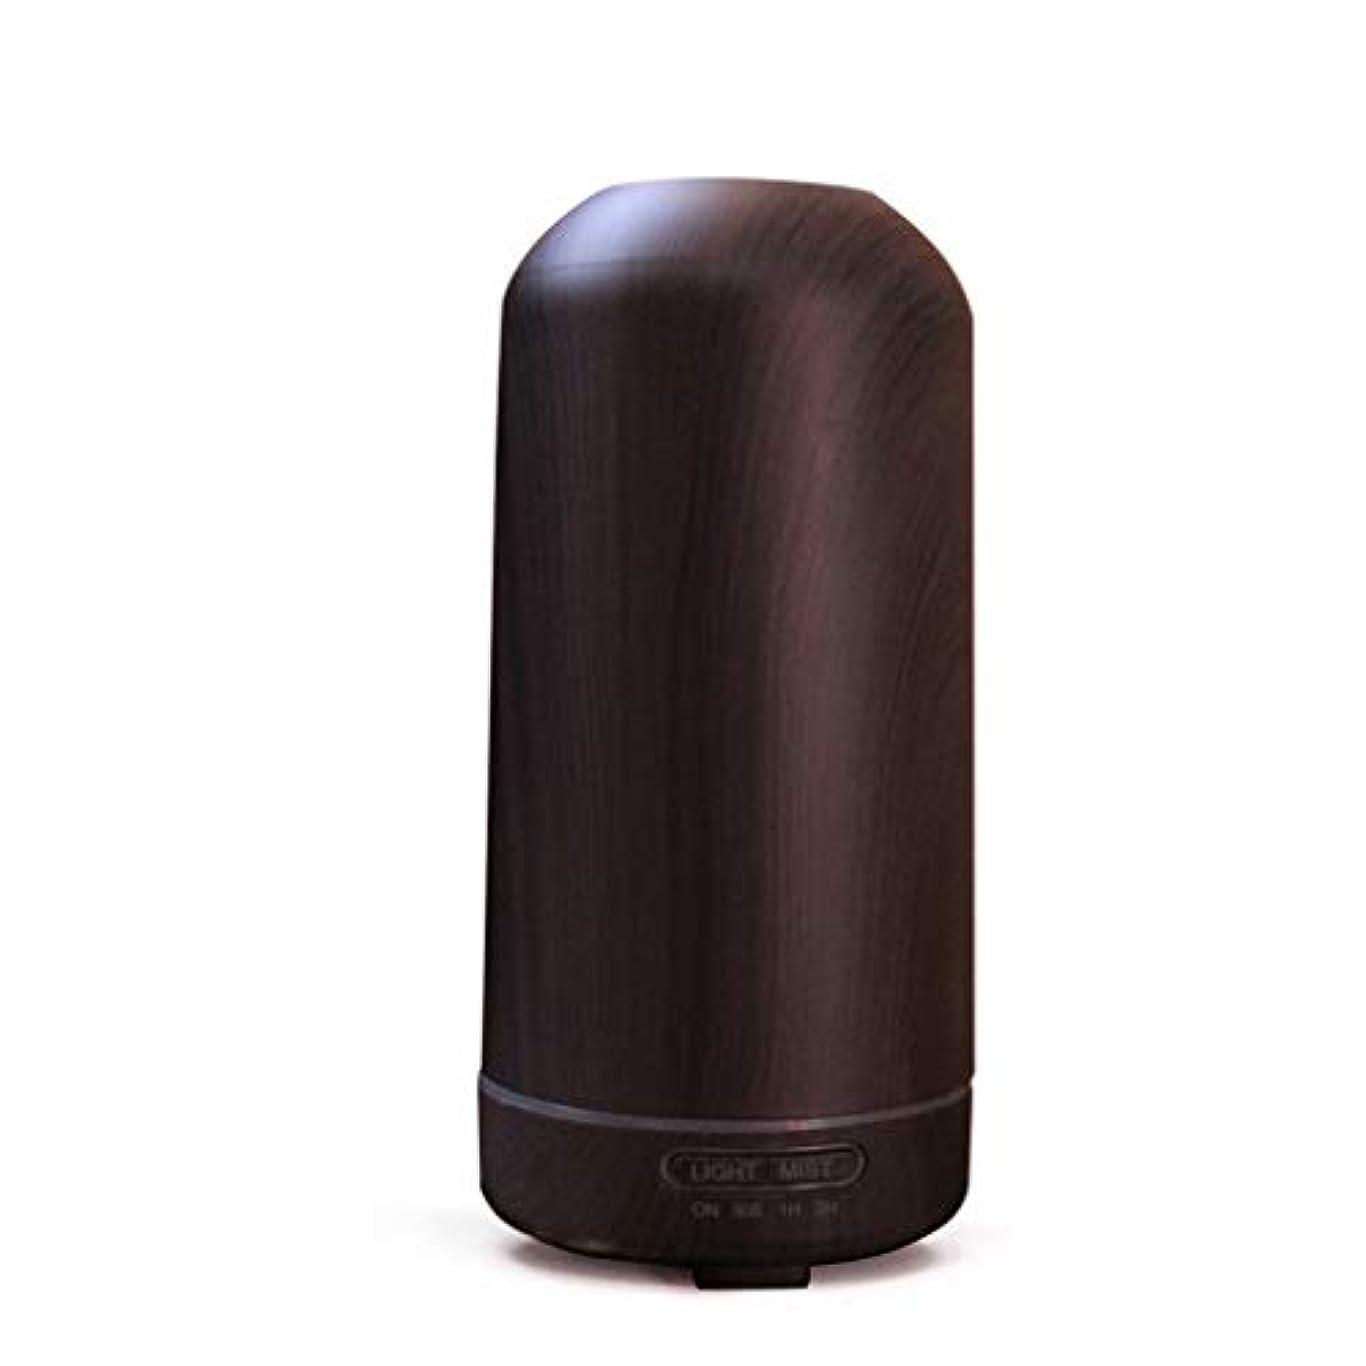 100ミリリットル超音波クールミスト加湿器カラーLEDライト付きホームヨガオフィススパ寝室ベビールーム - ウッドグレインディフューザー (Color : Dark wood grain)